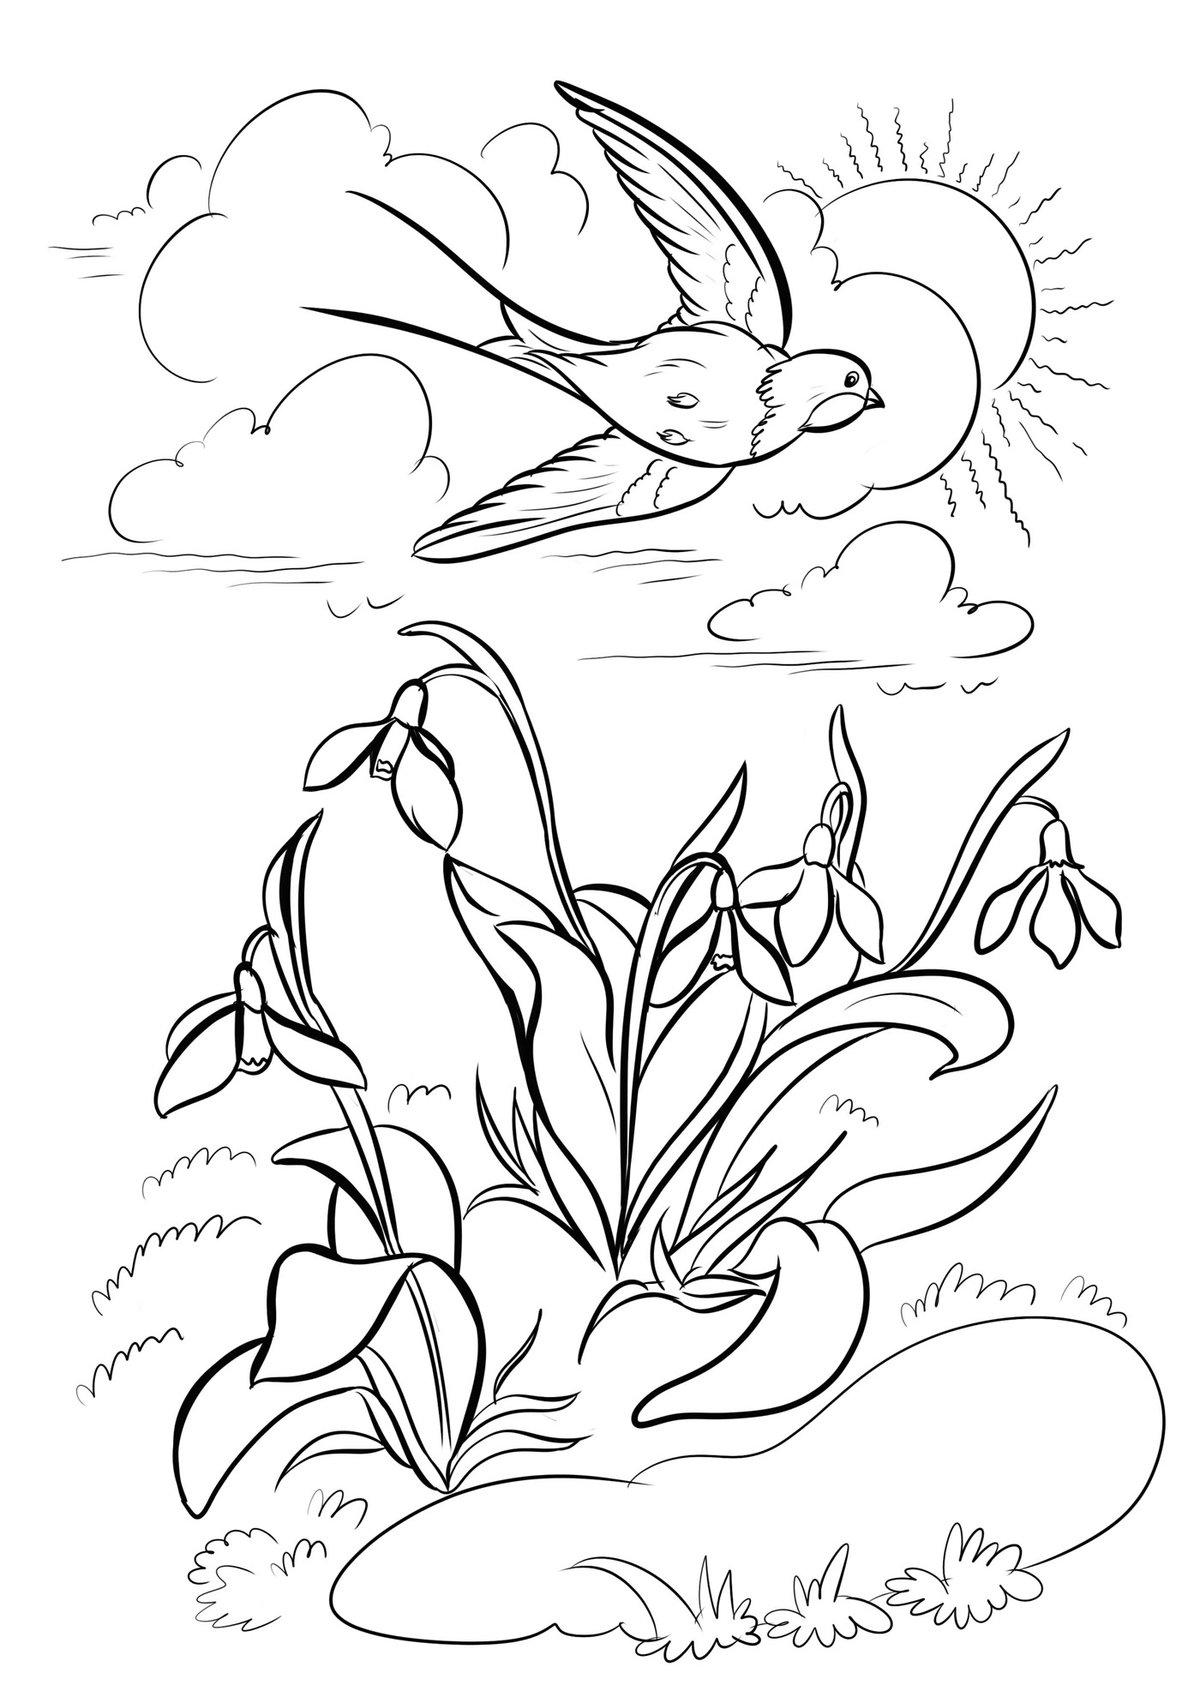 пес картинки карандашом о весне и лететь стеноз обычно представляет